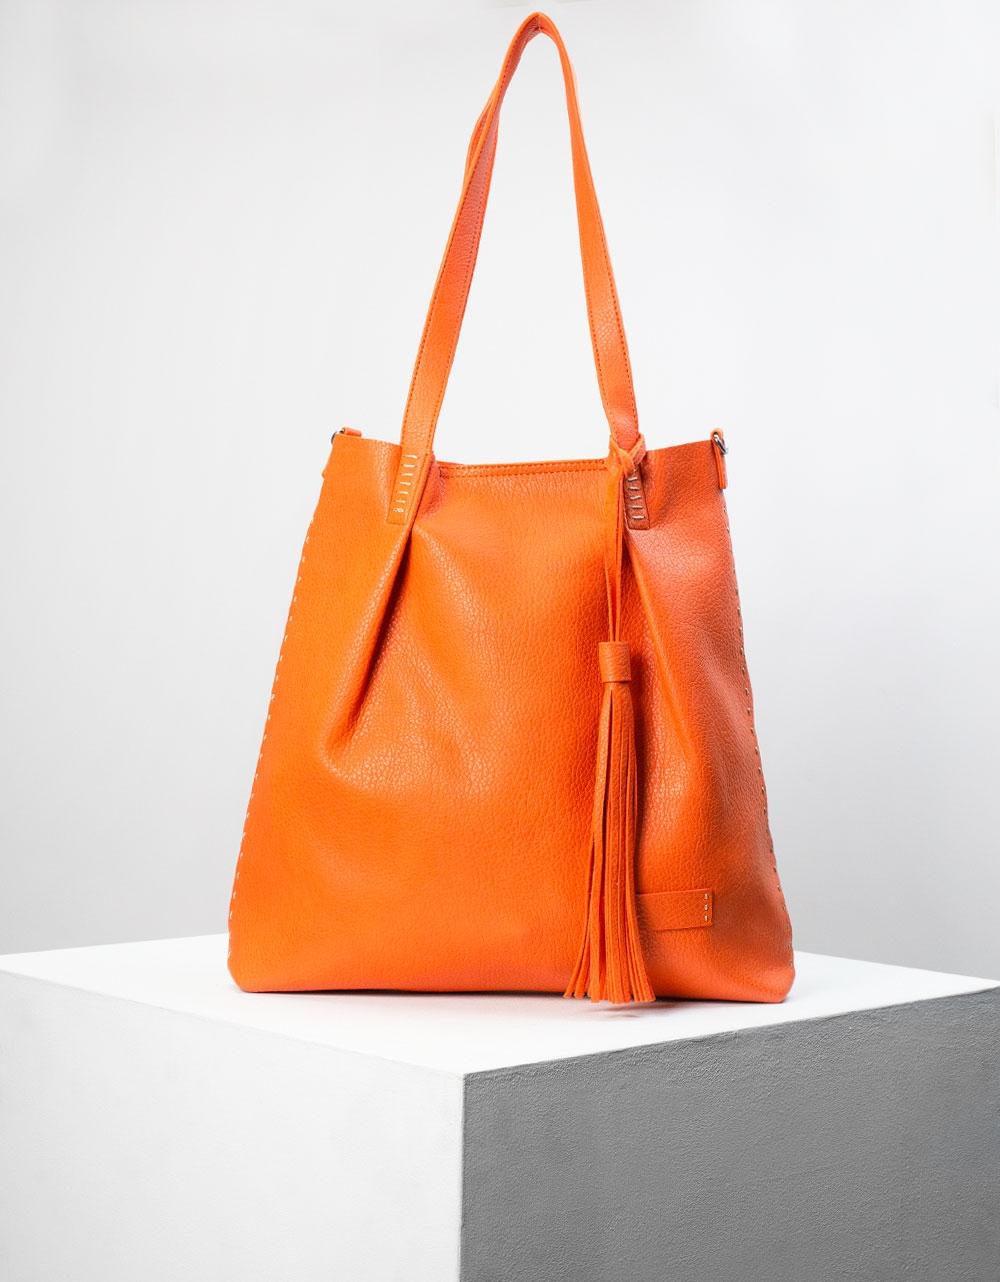 Εικόνα από Γυναικεία τσάντα ώμου με διακοσμητικό φουντάκι Πορτοκαλί